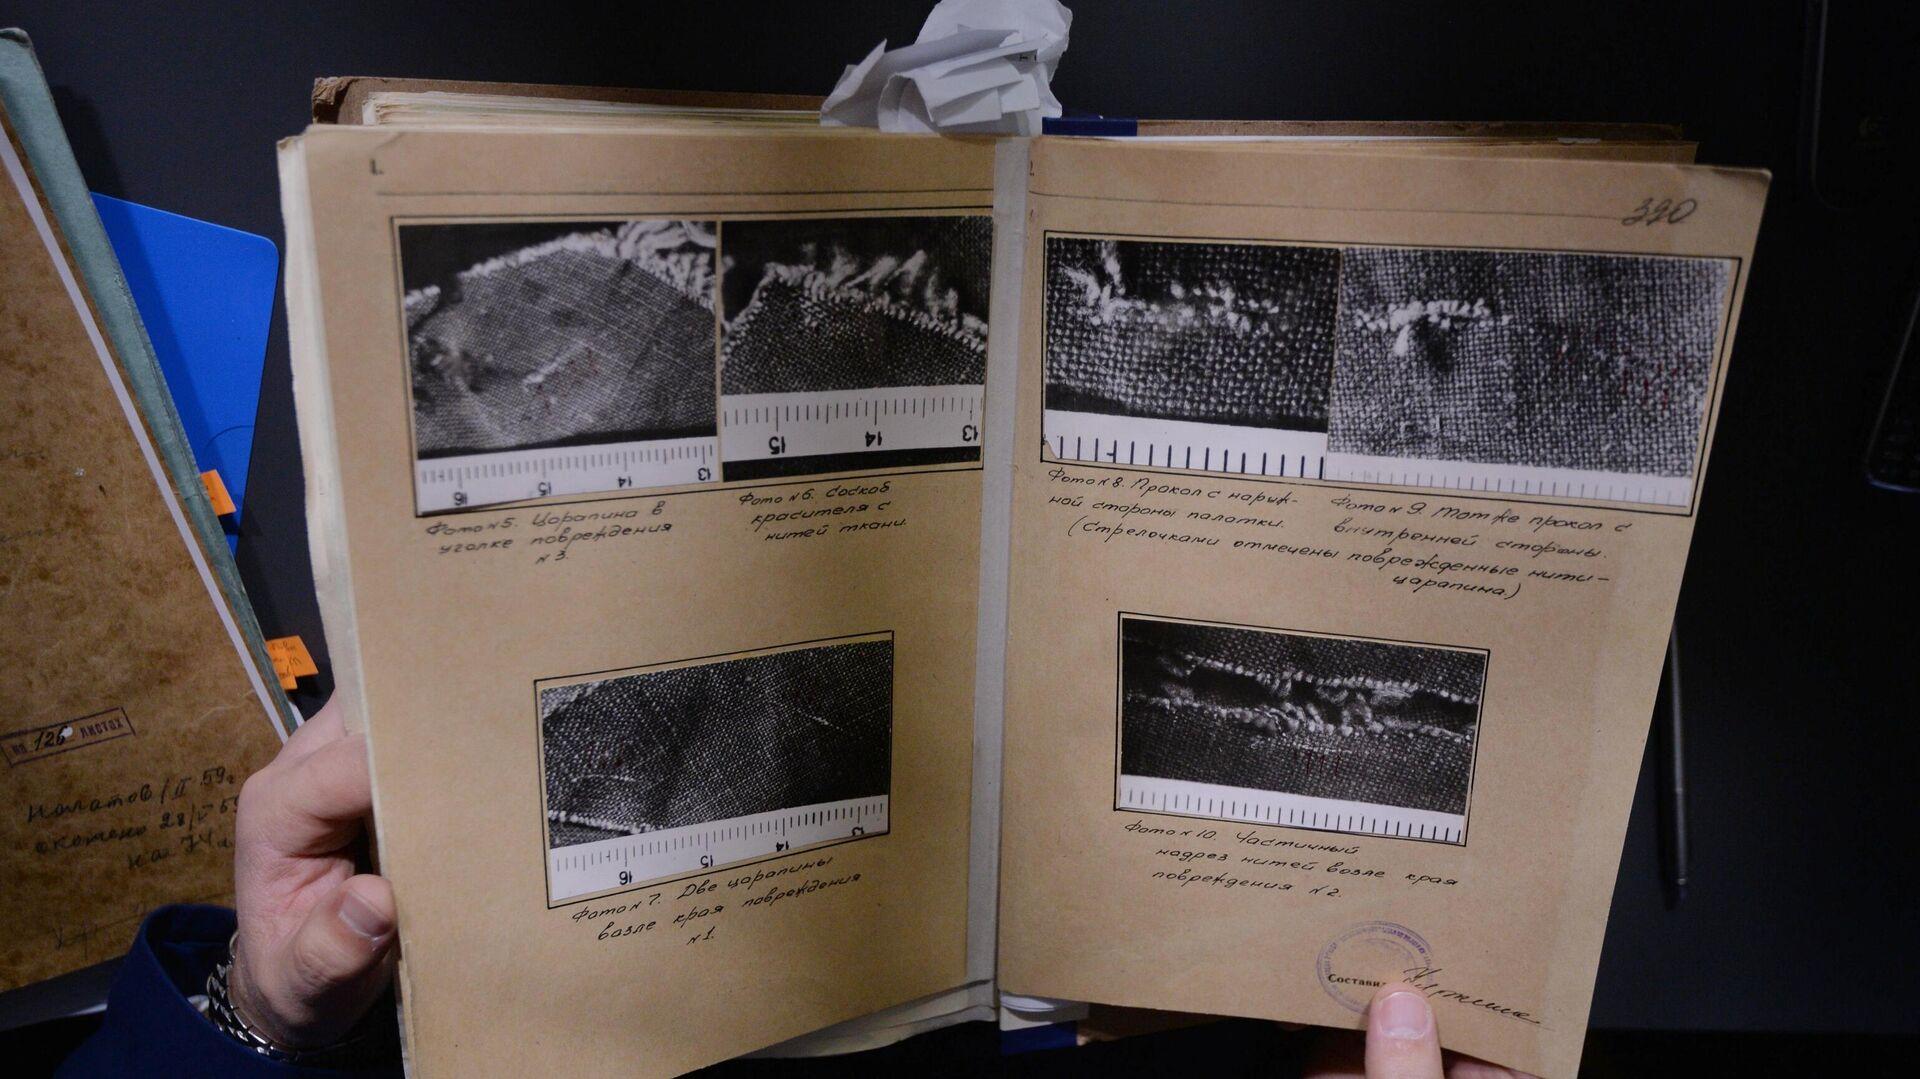 Aufnahmen zeigen Daten aus den Untersuchungsunterlagen bezüglich des Todes der Gruppe von Igor Djatlow im Jahr 1959  - SNA, 1920, 29.01.2021